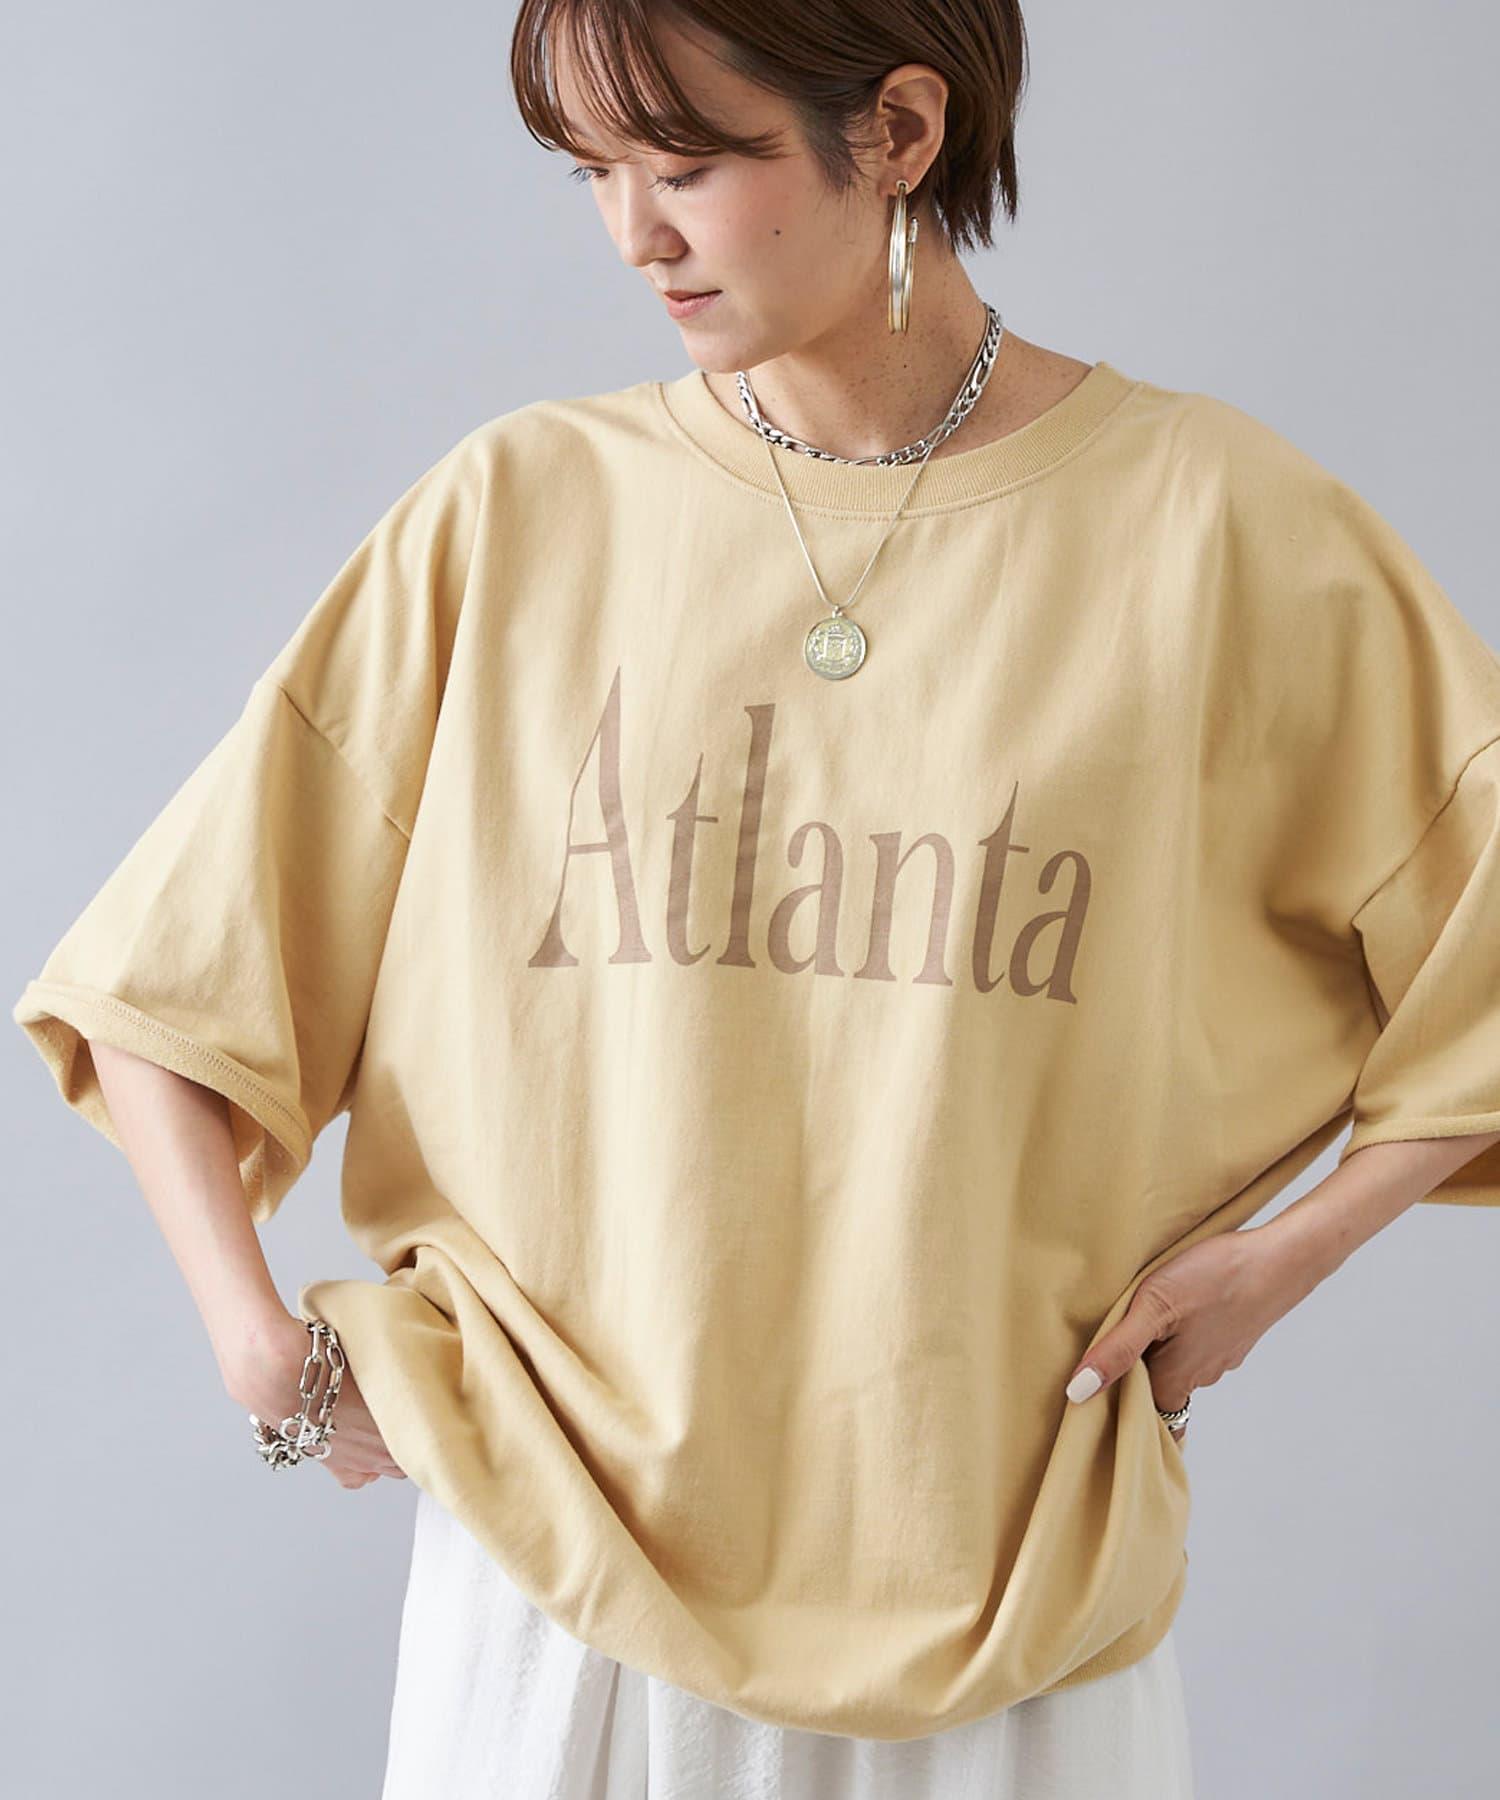 DOUDOU(ドゥドゥ) 【一部WEB限定カラー】Atlanta 5分袖 スウェット